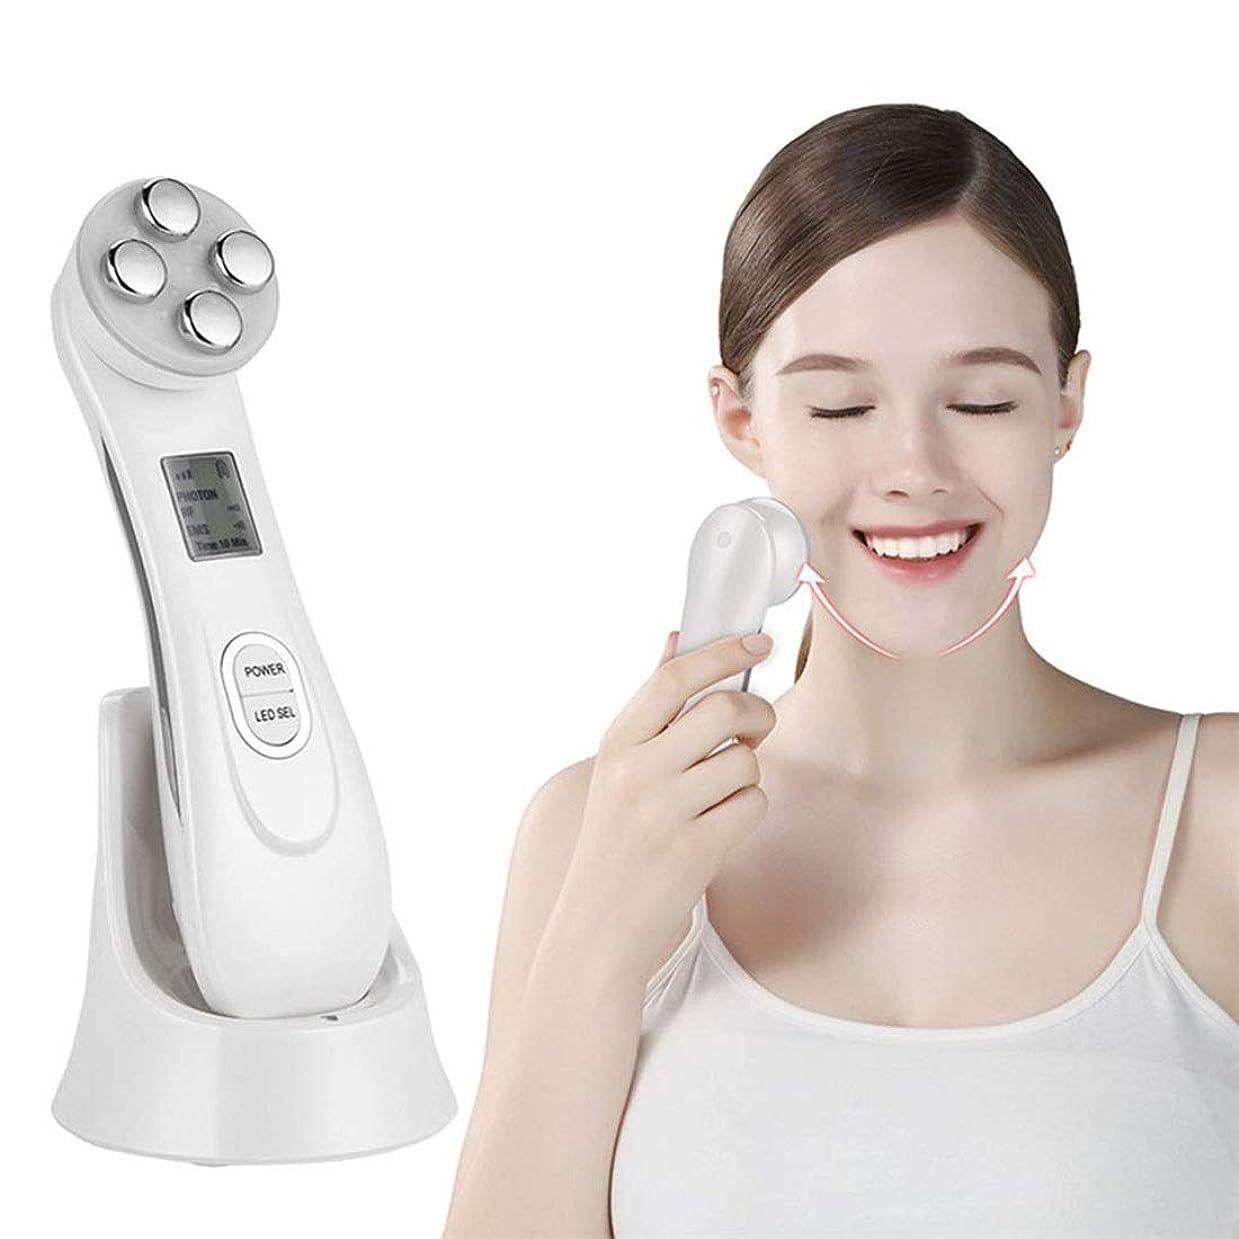 リル曲がった化粧Skin Tightening Machine Skin Tightening Machine, 5 In 1 Face Massager Facial Remover Wrinkle Skin Care Beauty Machine Anti-aging